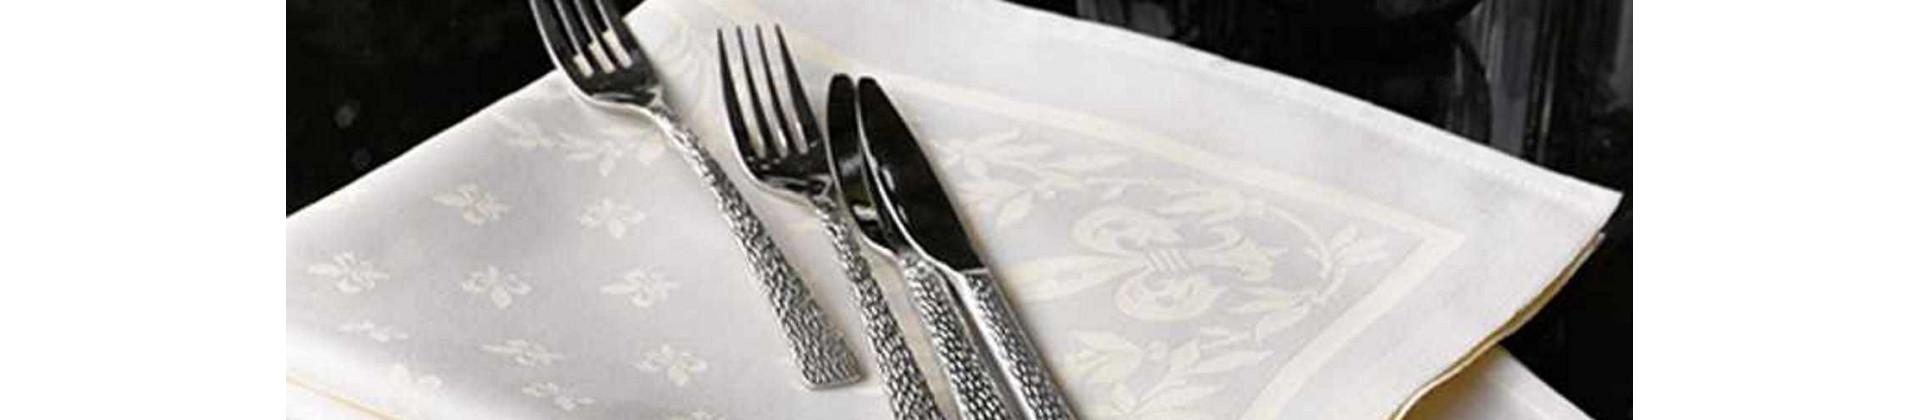 Serviette de table restaurant - Grossiste serviette de table | CTH